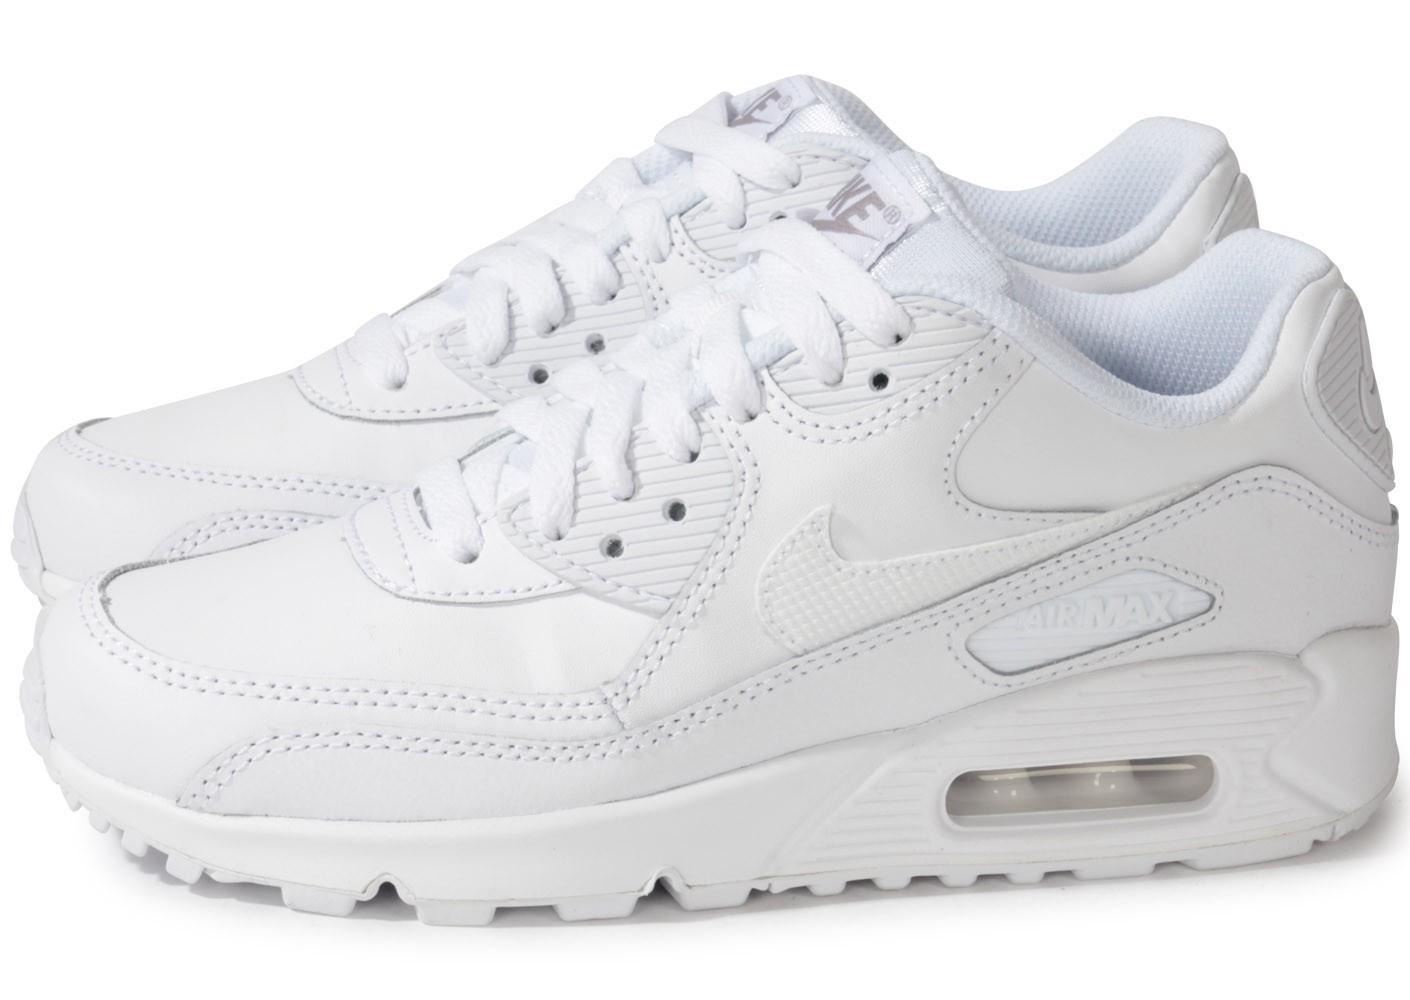 air max 90 blanche femme,Nike AIR MAX 90 LEATHER Blanc ...